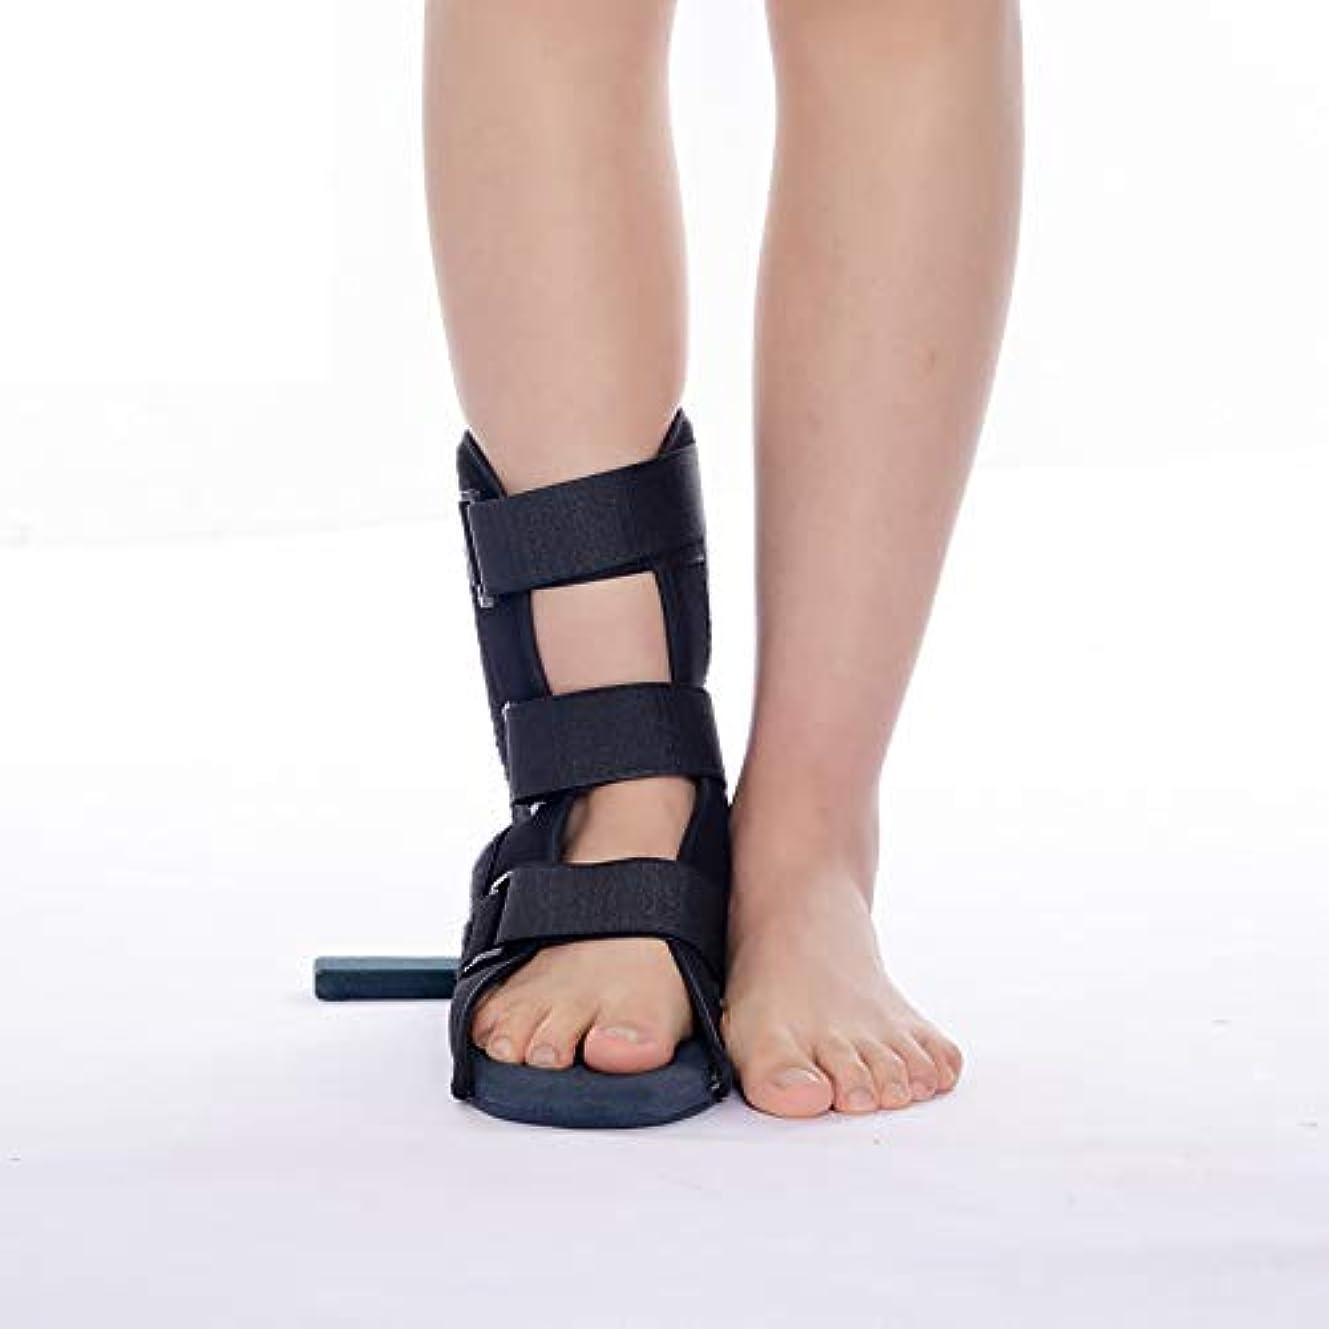 タールドラゴンコットン足固定整形外科用靴足ブレースサポート回転防止足首捻挫スタビライザーブーツ用足首関節捻挫骨折リハビリテーション